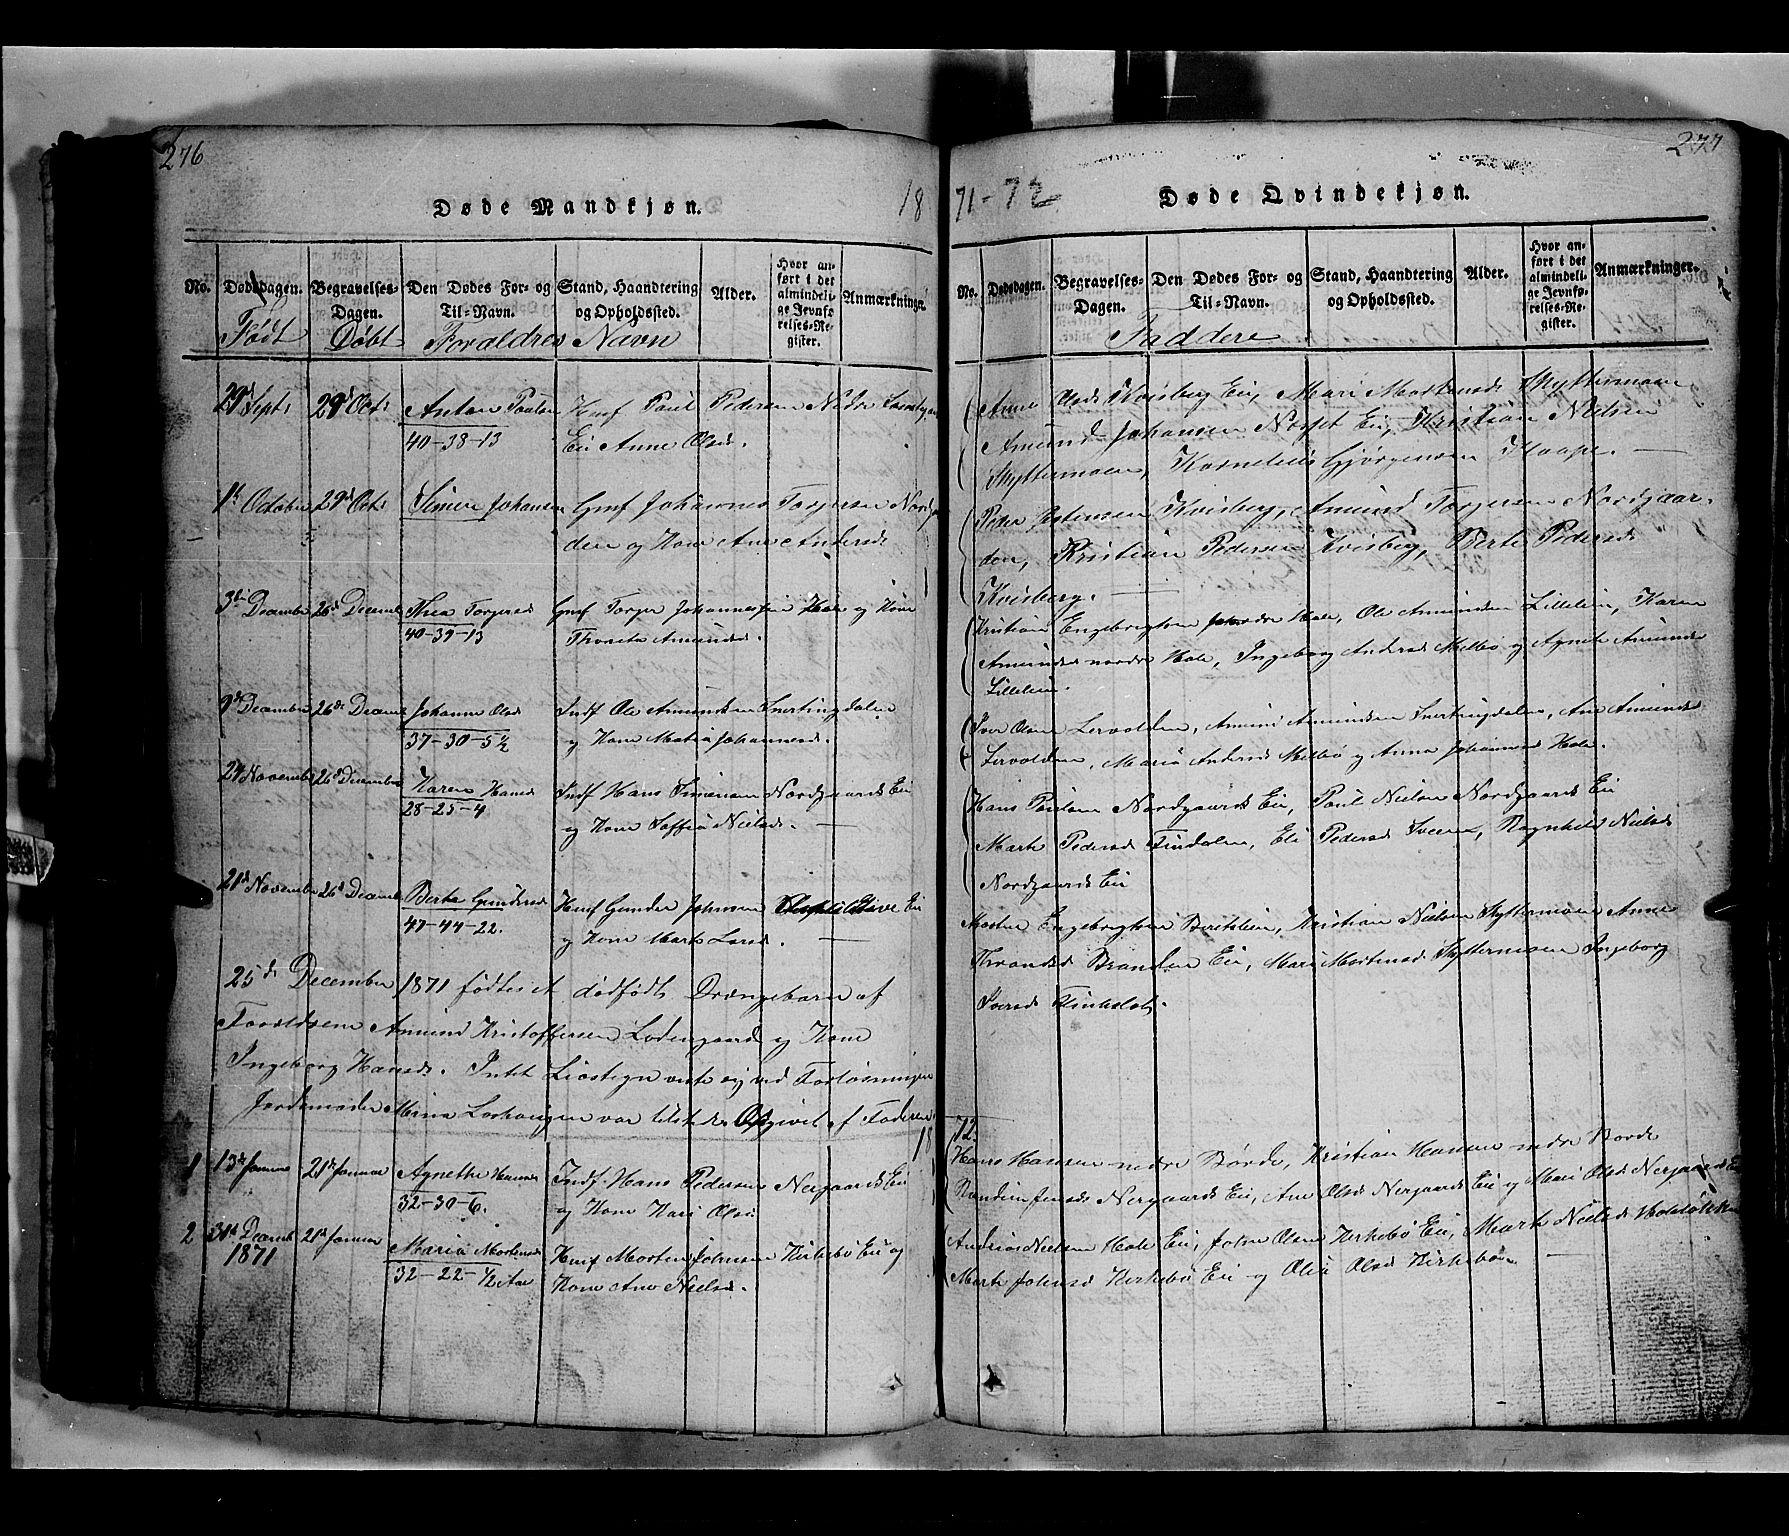 SAH, Gausdal prestekontor, Klokkerbok nr. 2, 1818-1874, s. 276-277